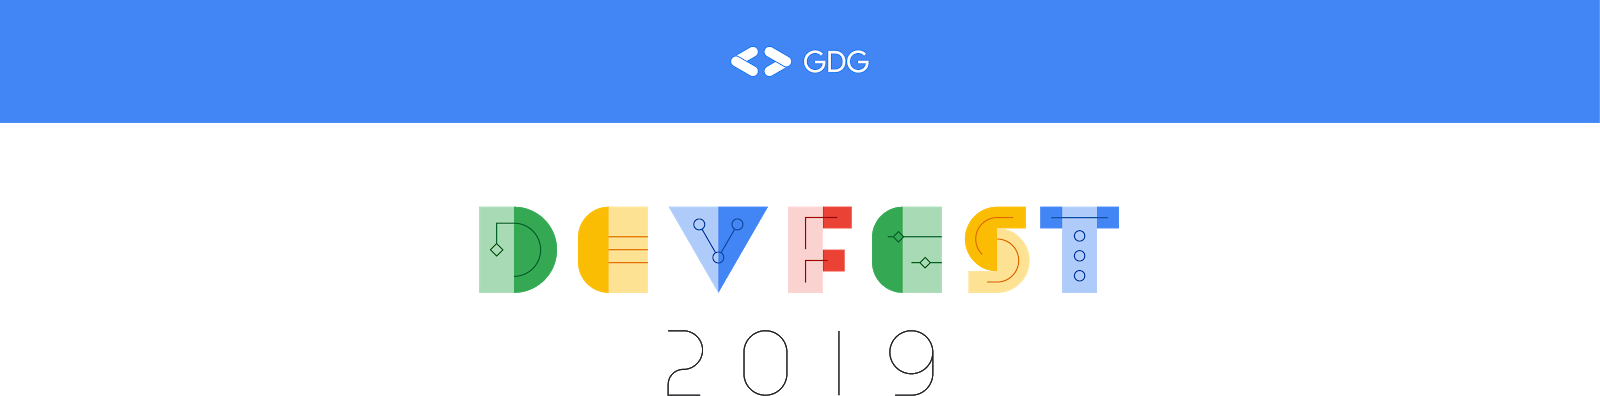 DevFest banner